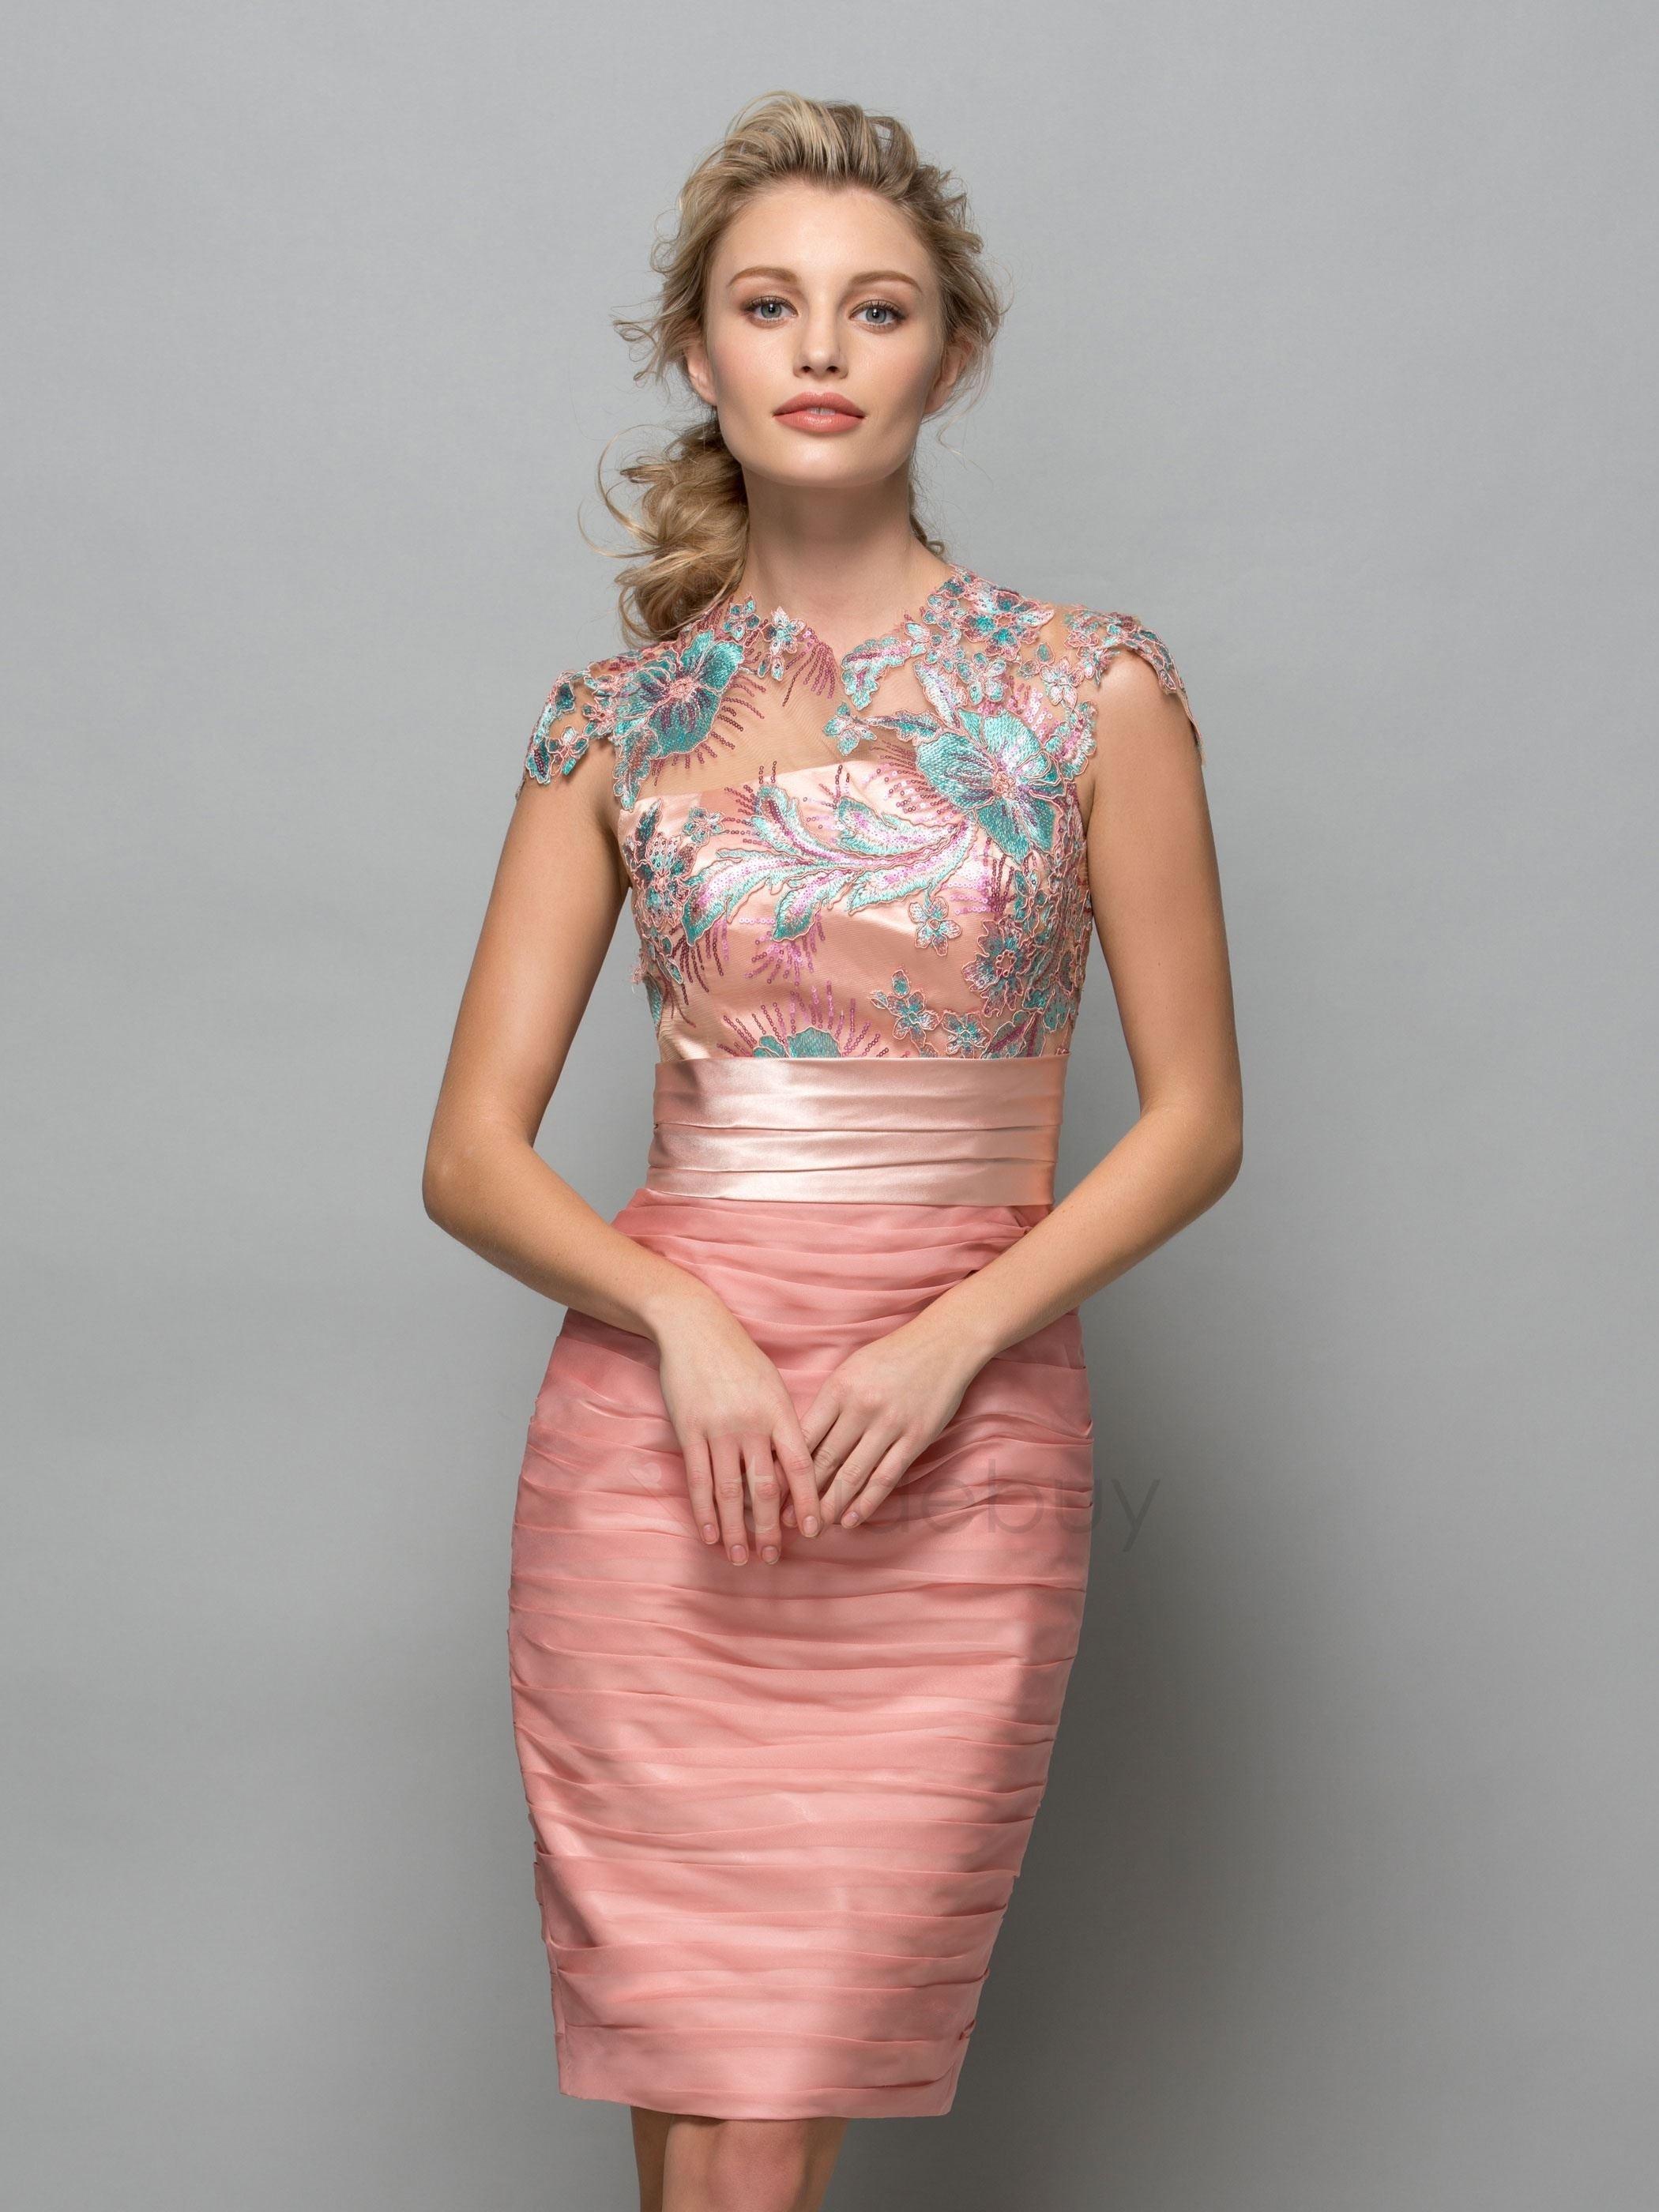 15 Schön Schöne Kleider Für Anlässe für 201920 Luxurius Schöne Kleider Für Anlässe Spezialgebiet